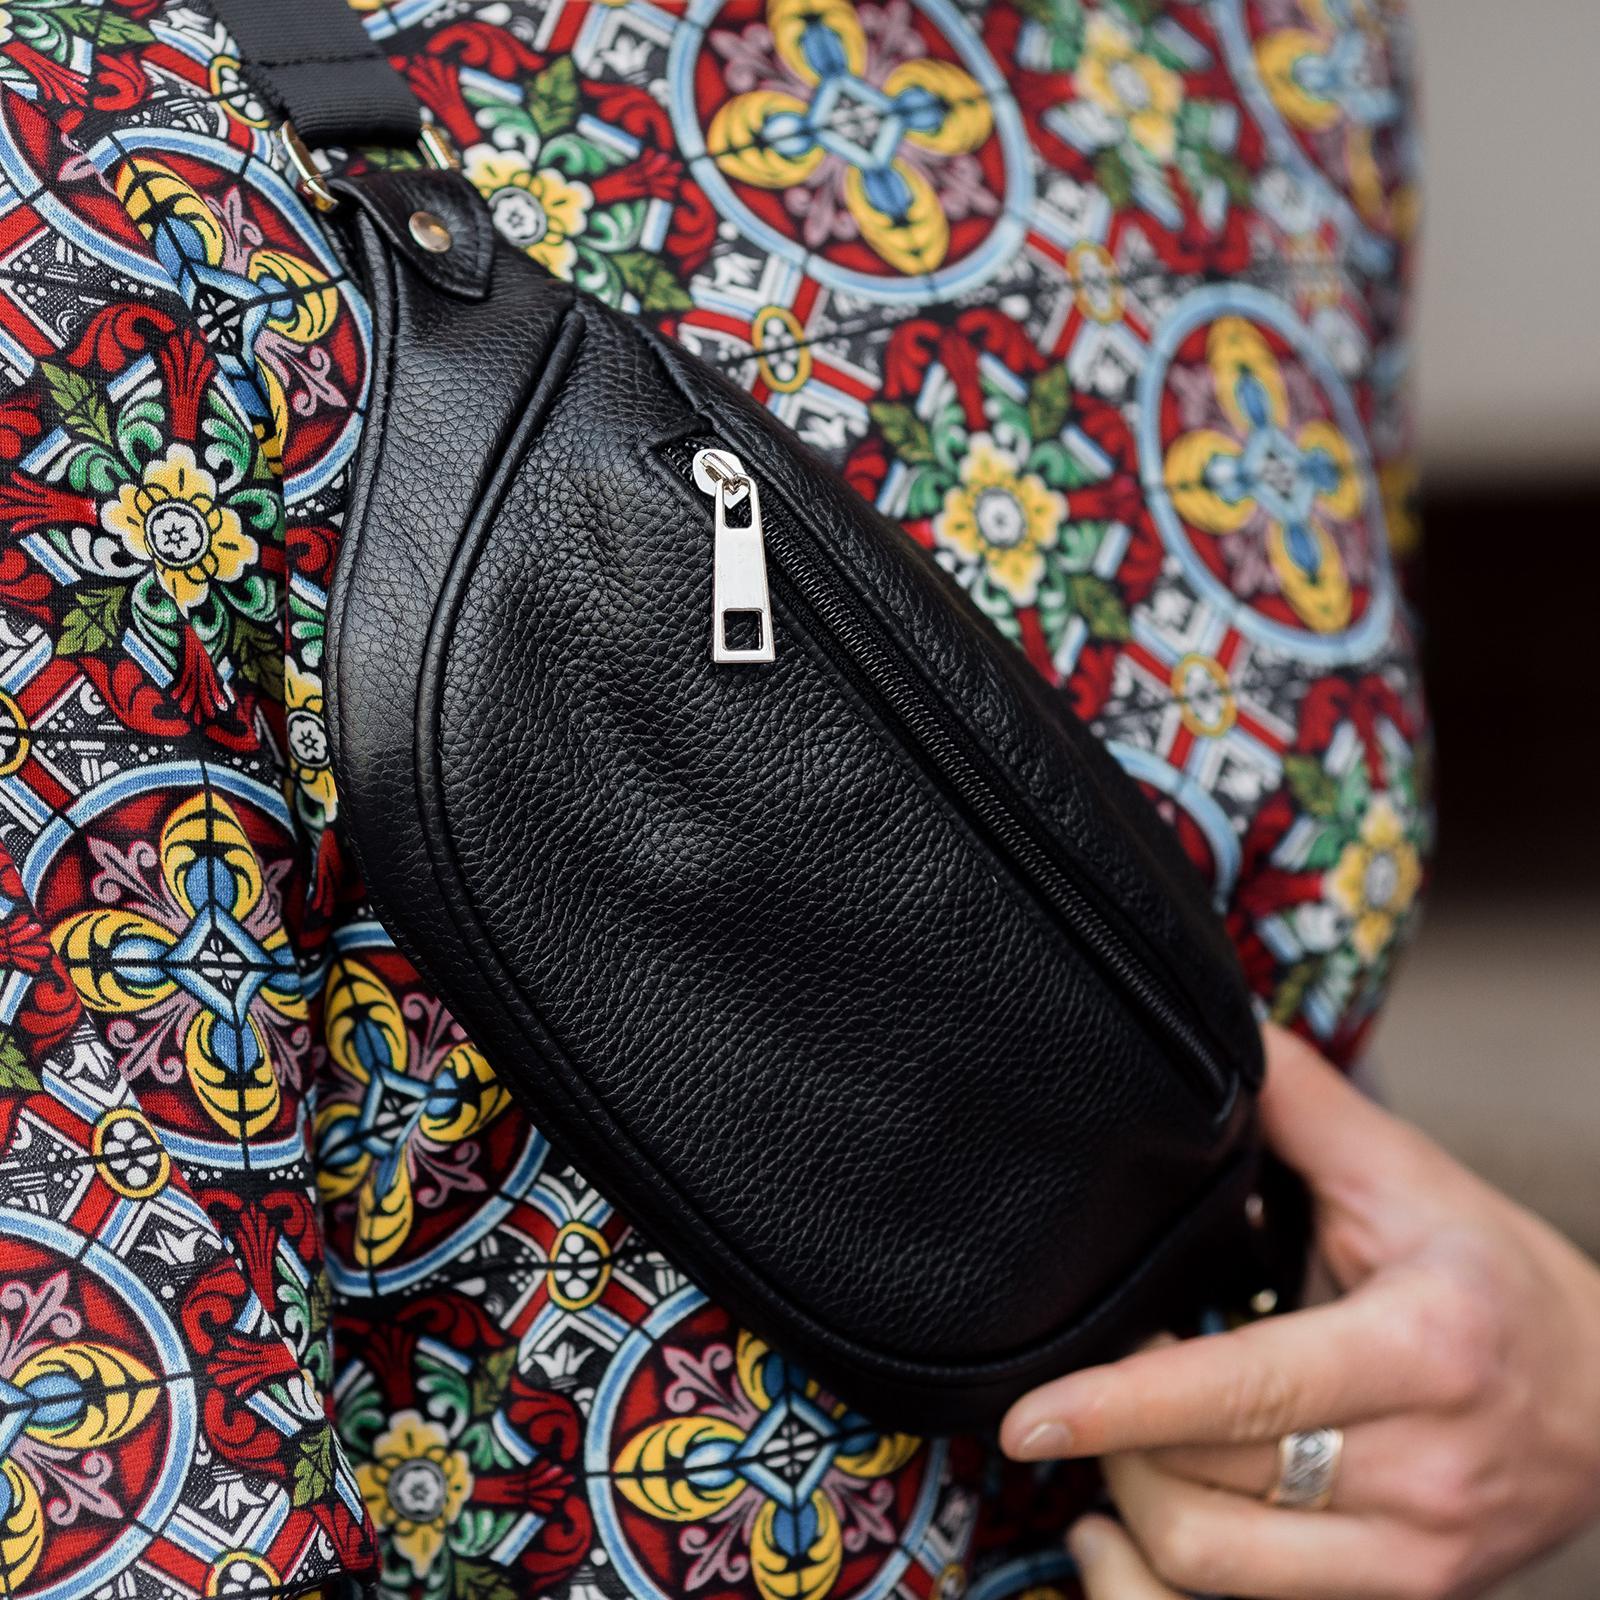 Фото: сумка на пояс чорна брендова